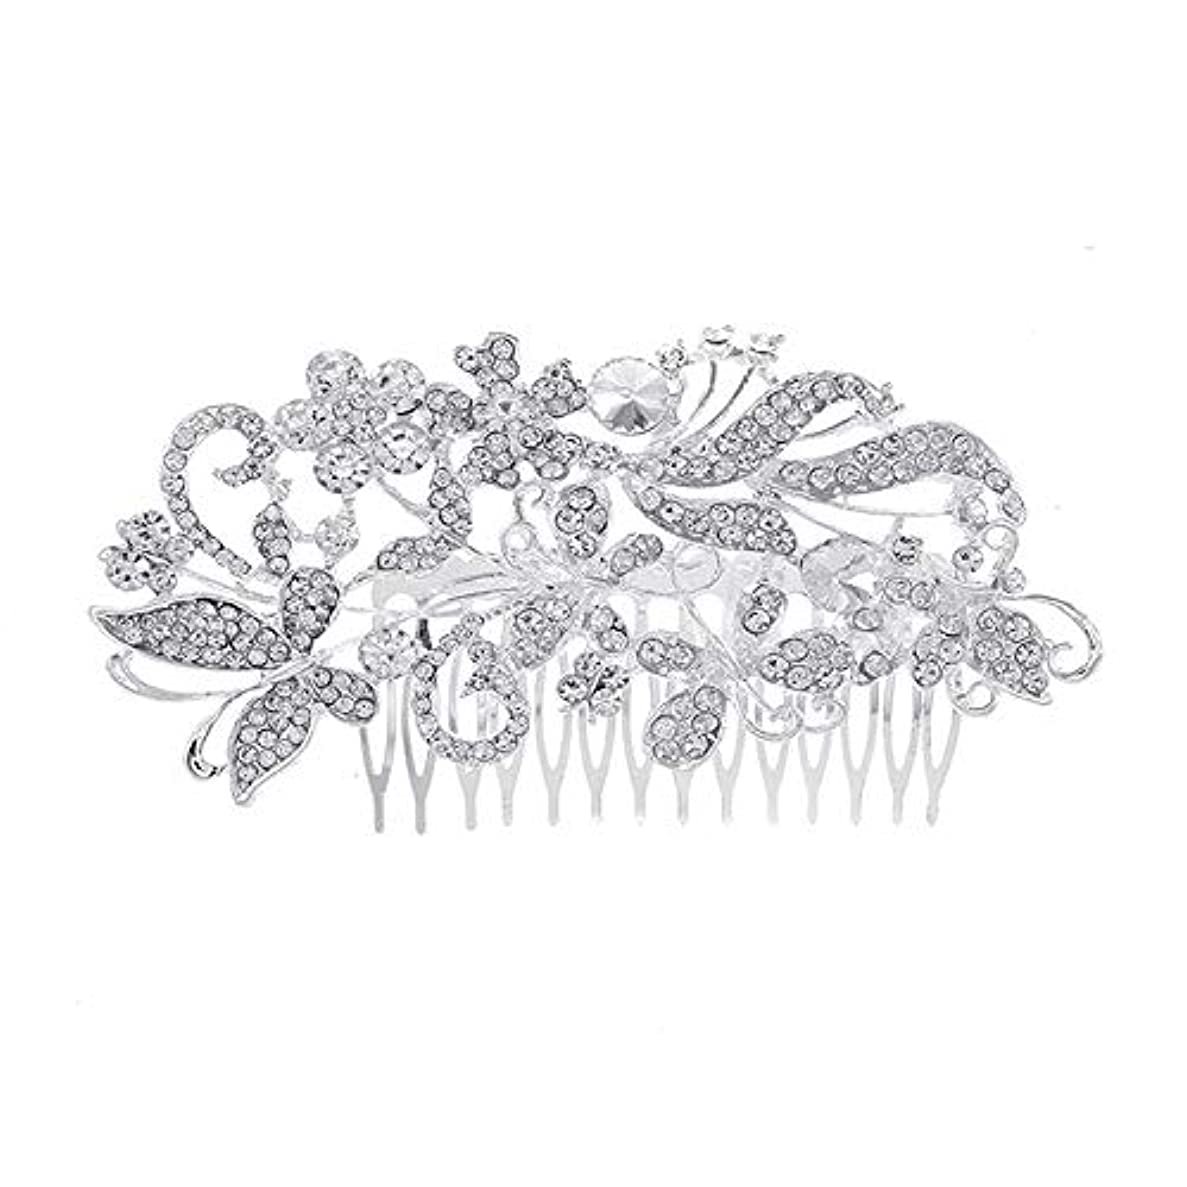 髪の櫛、櫛、花嫁の髪の櫛、亜鉛合金、結婚式のアクセサリー、櫛